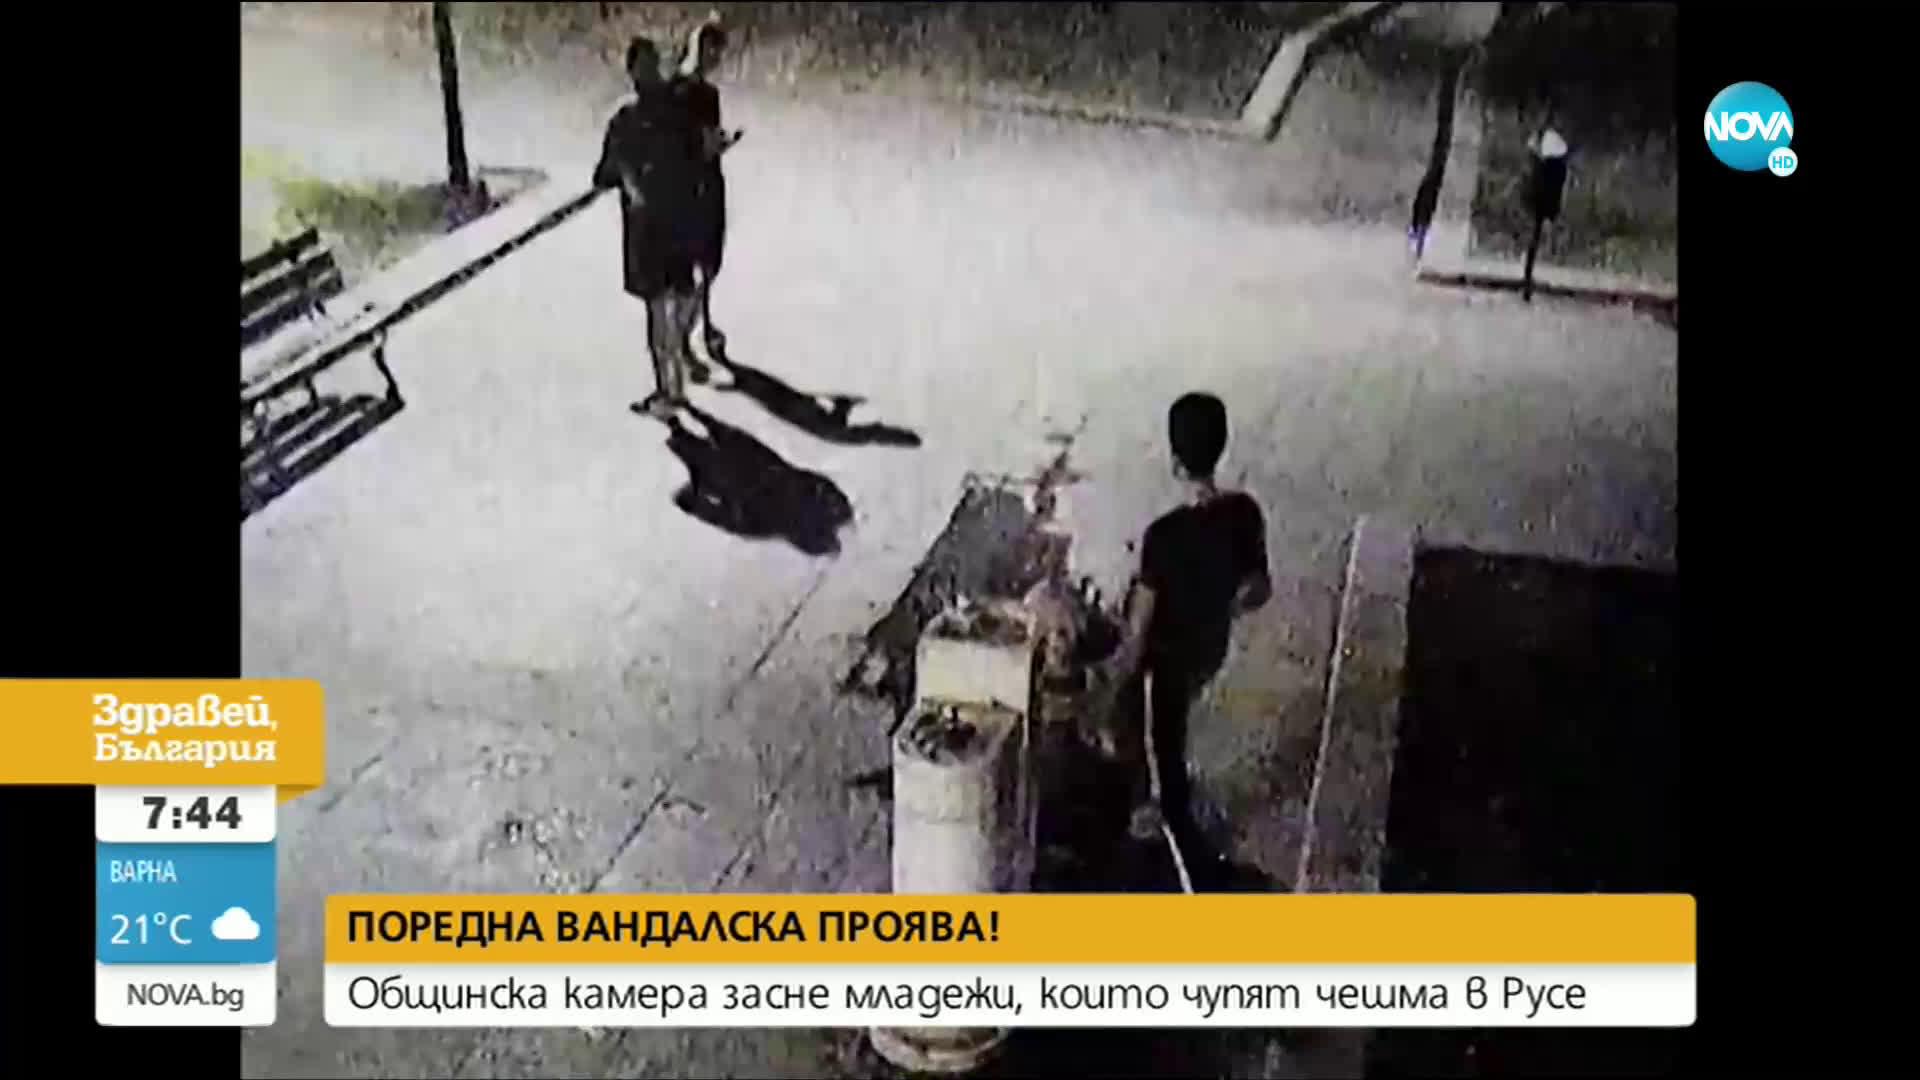 Общинска камера засне младежи, които чупят чешма в Русе